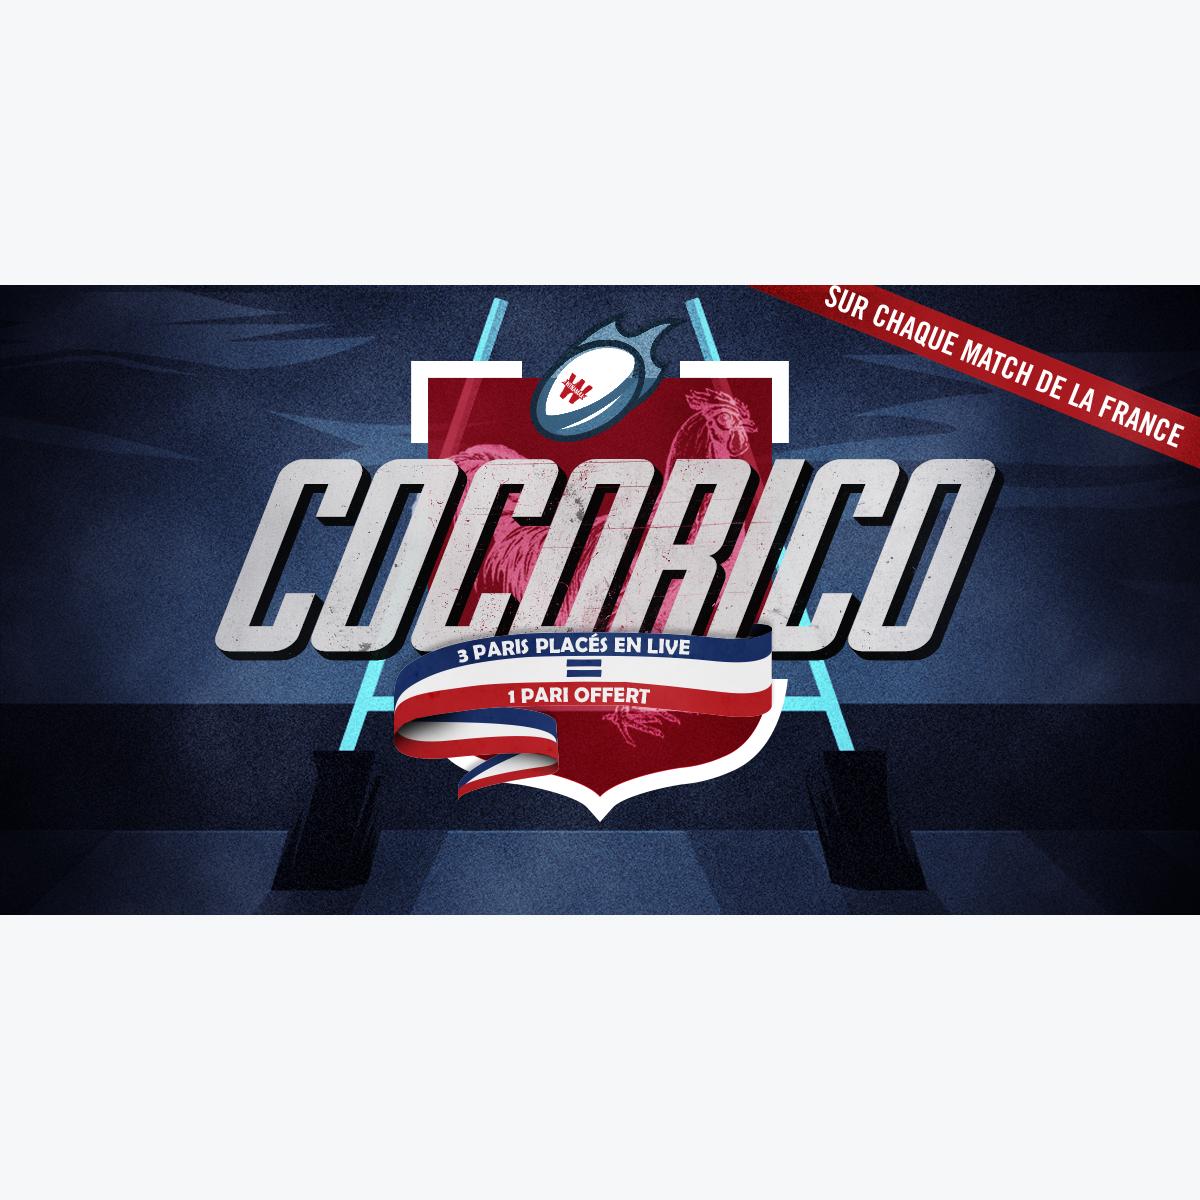 Match de rugby en direct gratuit - Coupe de france en direct sur internet ...